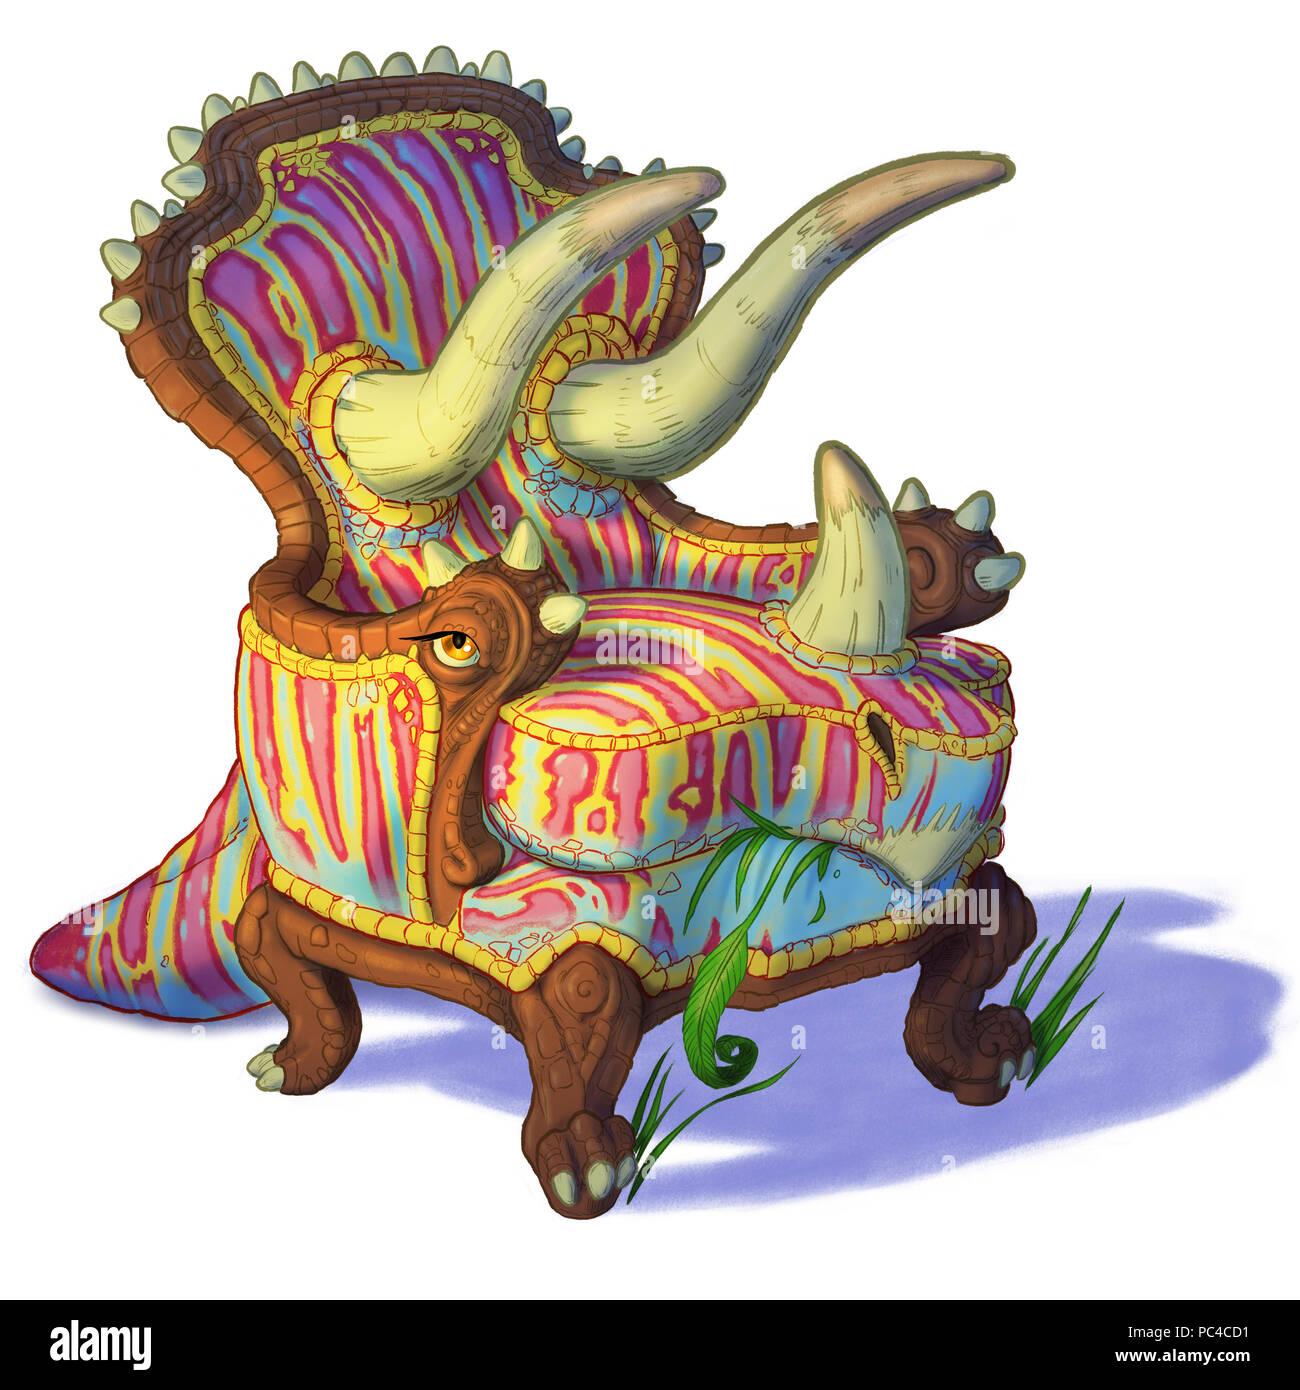 Cartoon clip art illustrazione di un dinosauro triceratops combinato con un semplice sedia o poltrona. Noto anche come Trichairatops. Immagini Stock